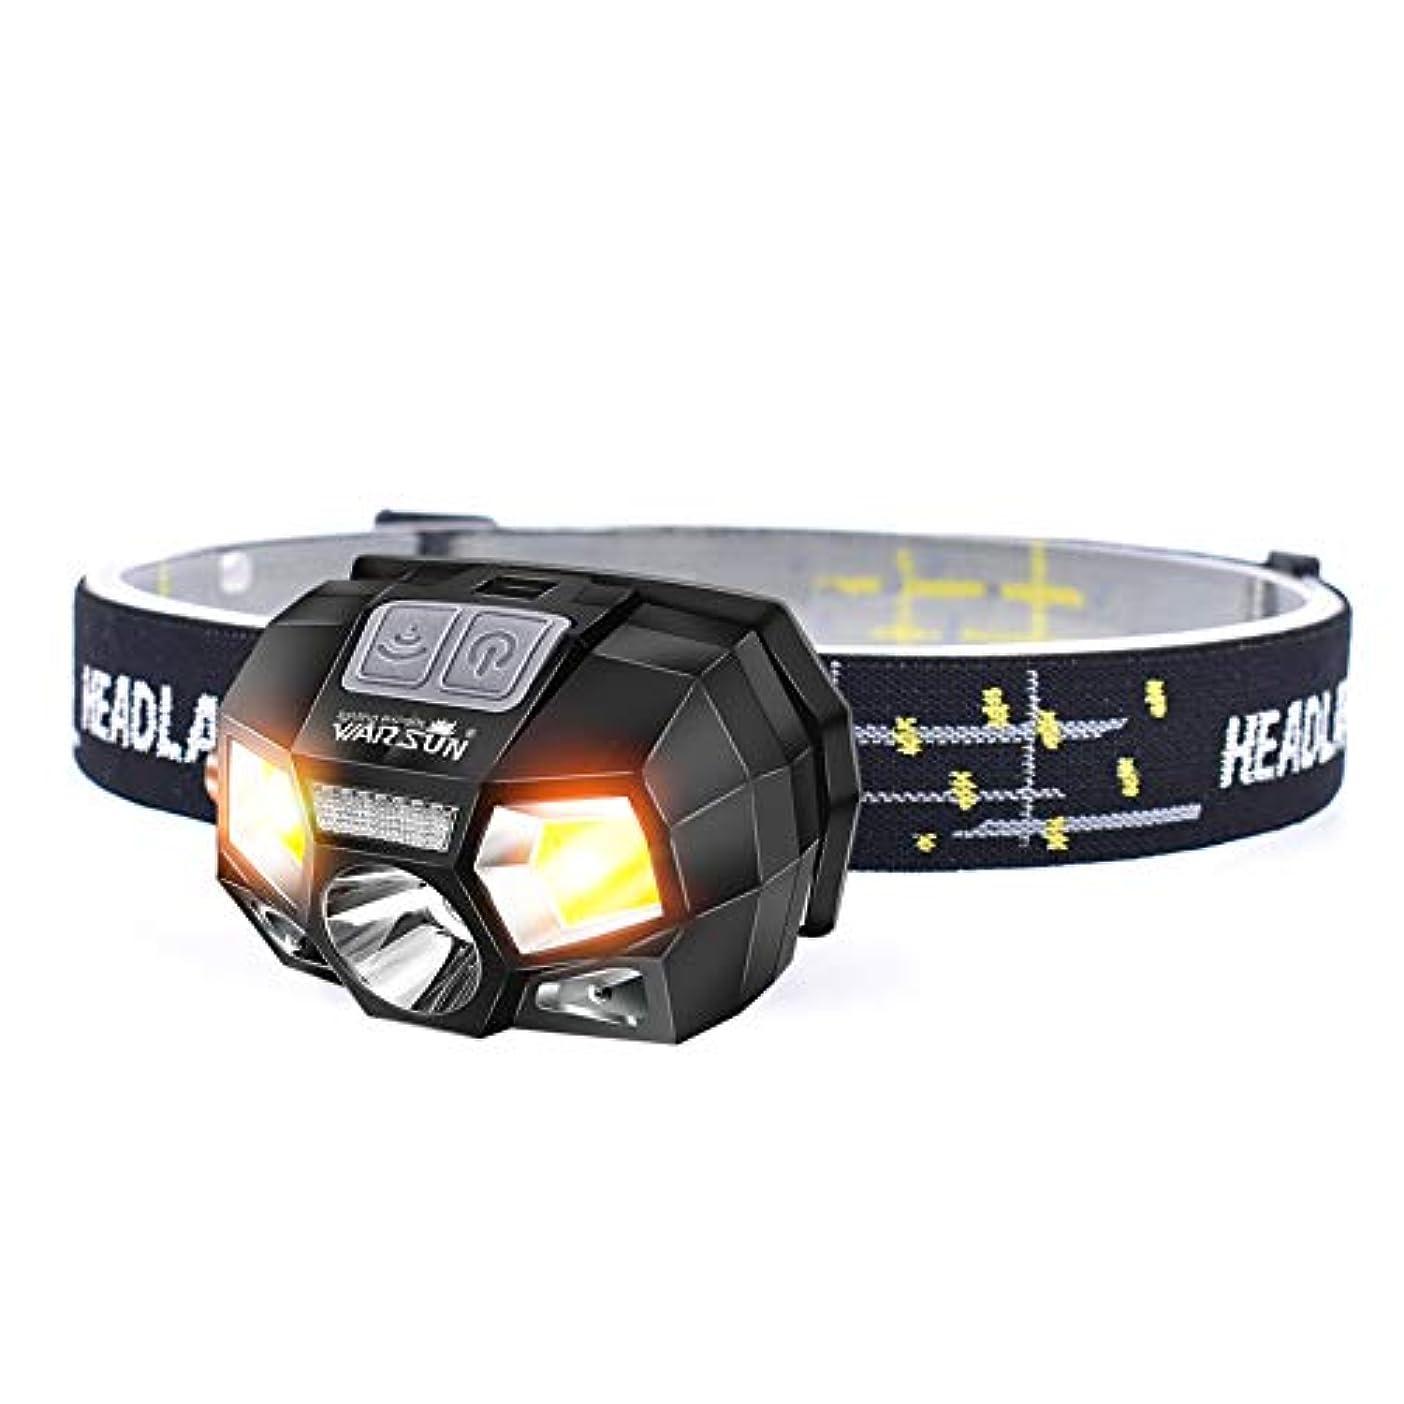 グラマー市町村代わってMakgood USB充電式ヘッドライト センサー機能 防水仕様 角度調整可能